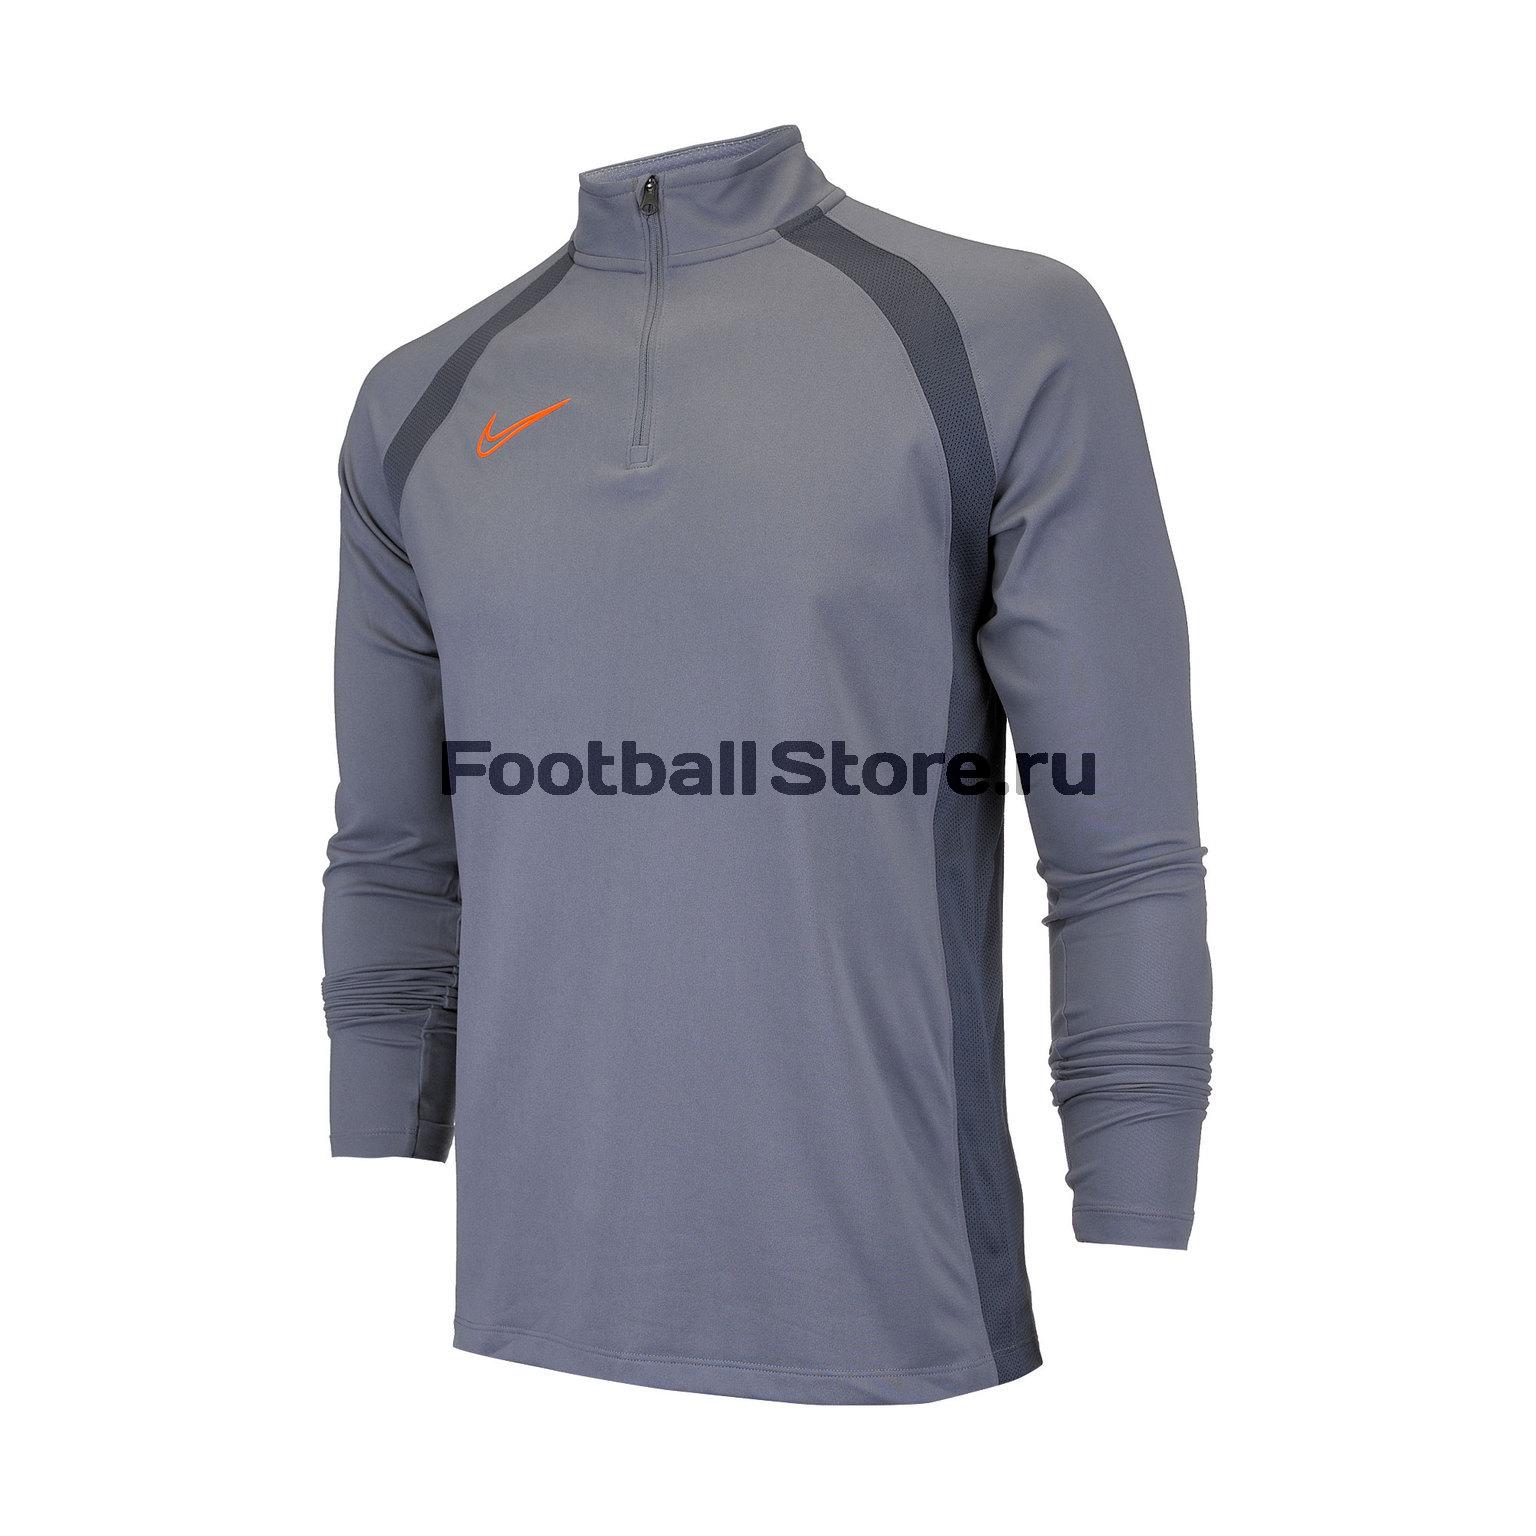 Свитер тренировочный Nike Dry Academy Dril Top AQ1245-490 свитер тренировочный nike academy 839344 451